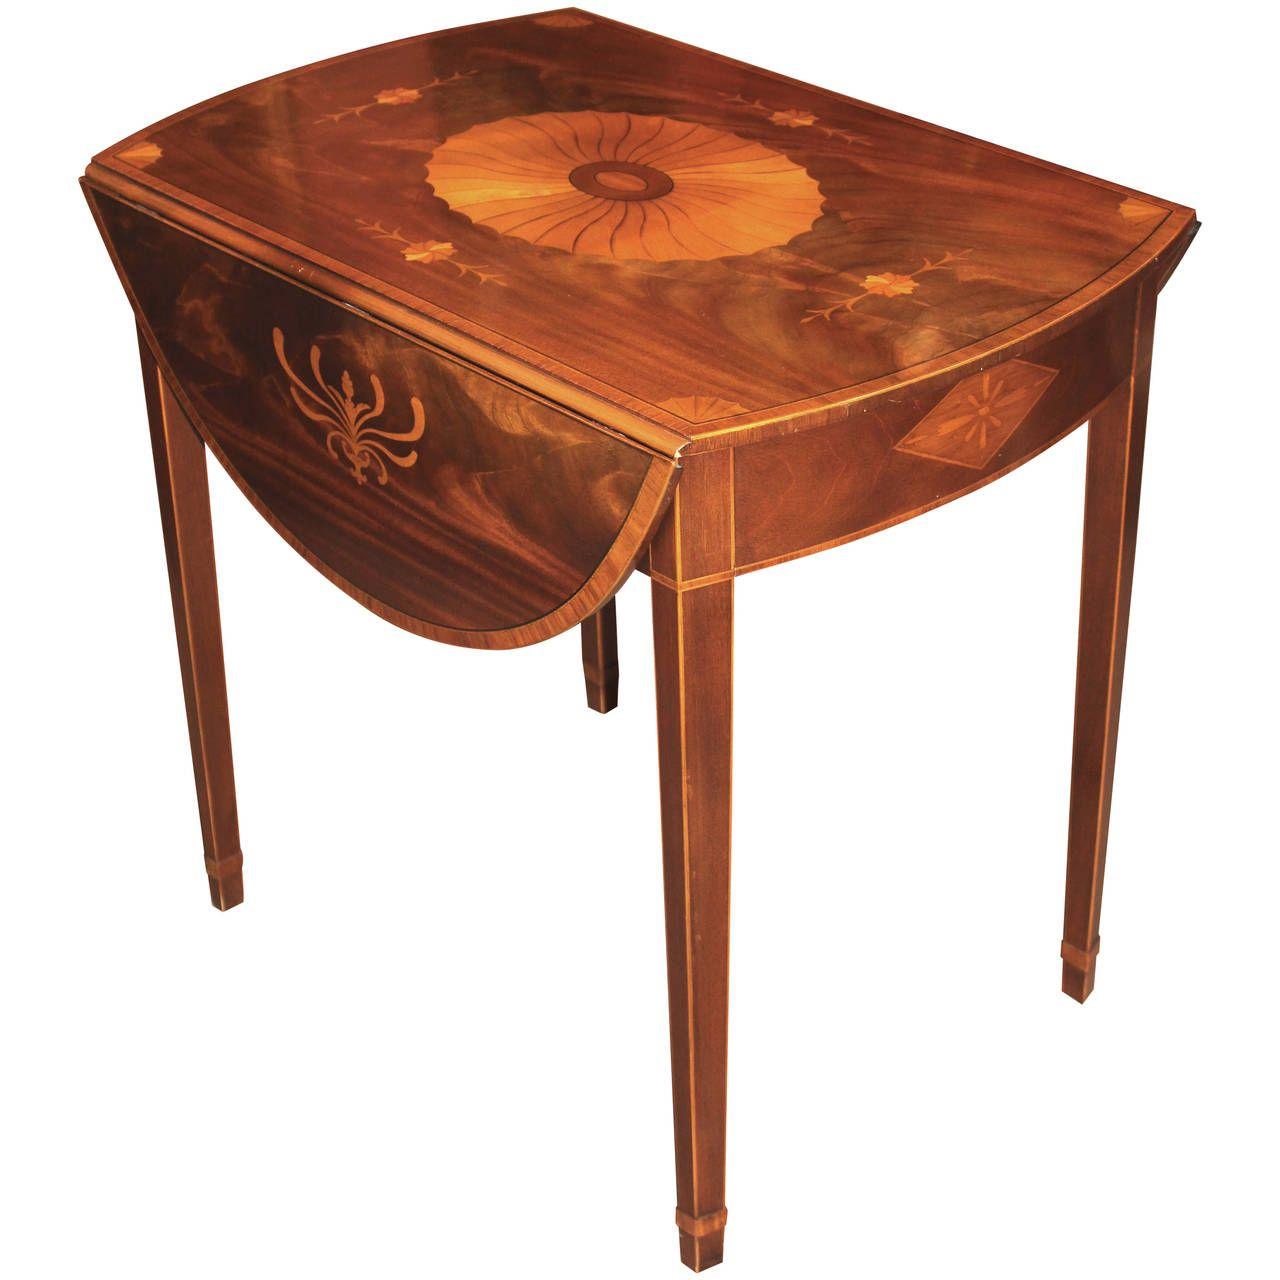 Baker Furniture Inlaid Pembroke Table - Baker Furniture Inlaid Pembroke Table Baker Furniture, Tables